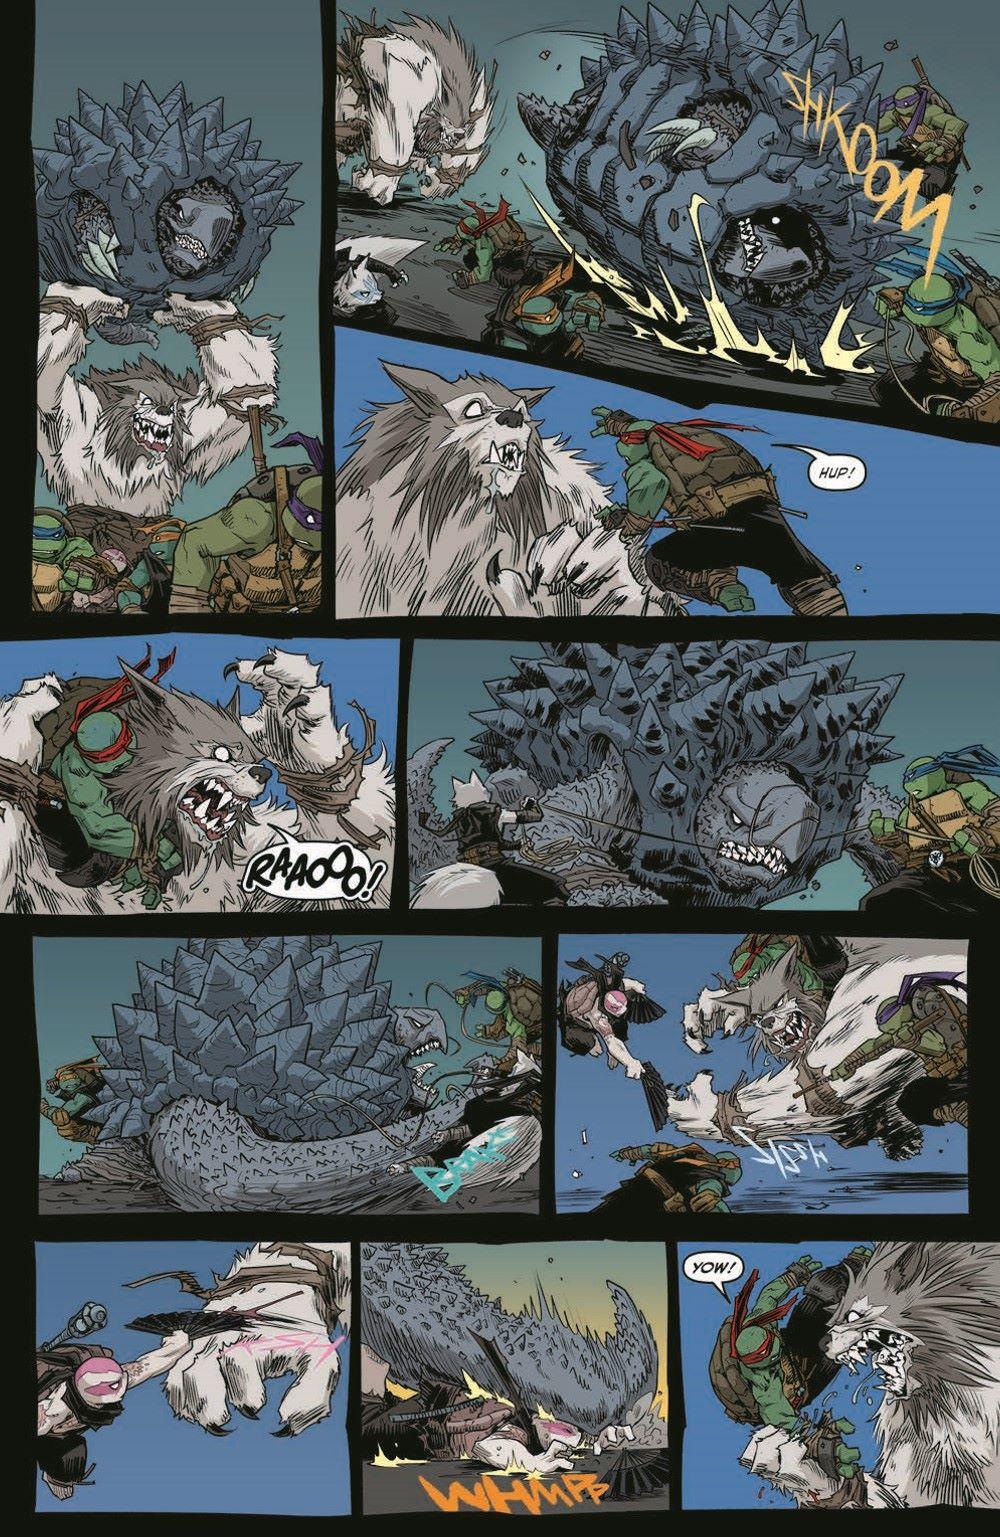 TMNT115_pr-5 ComicList Previews: TEENAGE MUTANT NINJA TURTLES #115